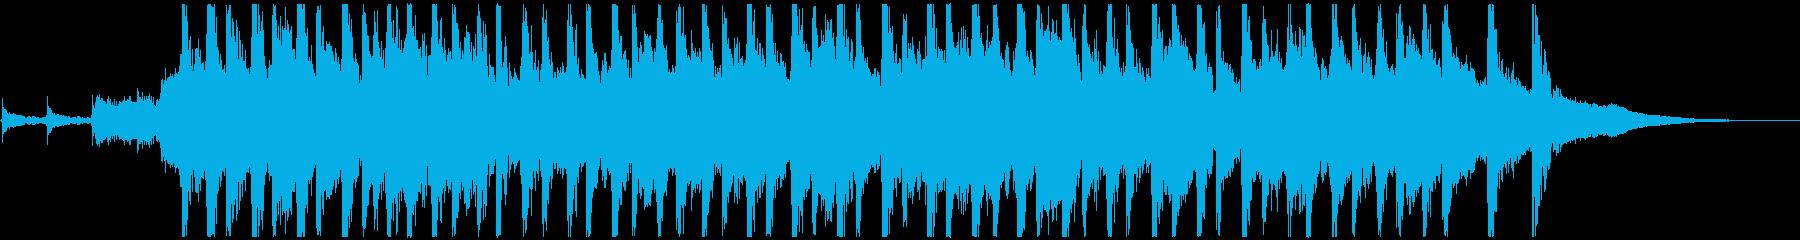 ピッチカート 可愛いマリンバ ジングルの再生済みの波形